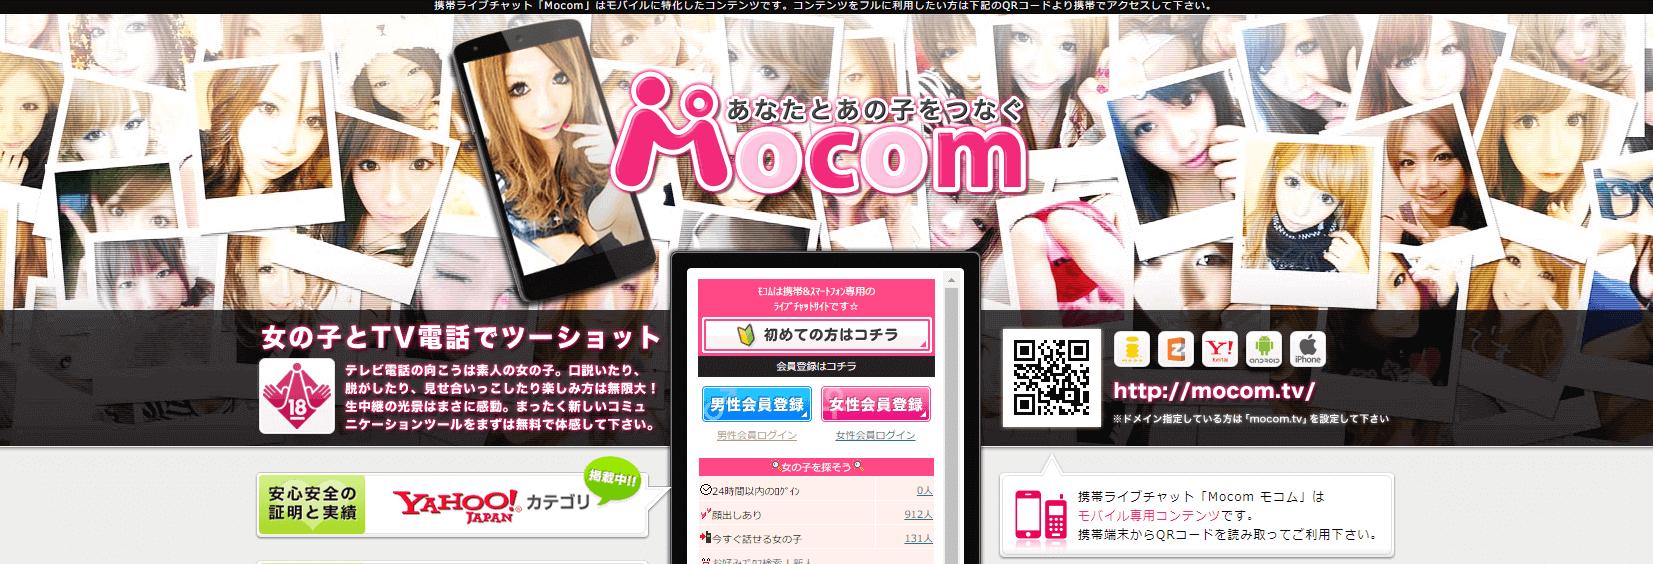 モコム入会ガイド